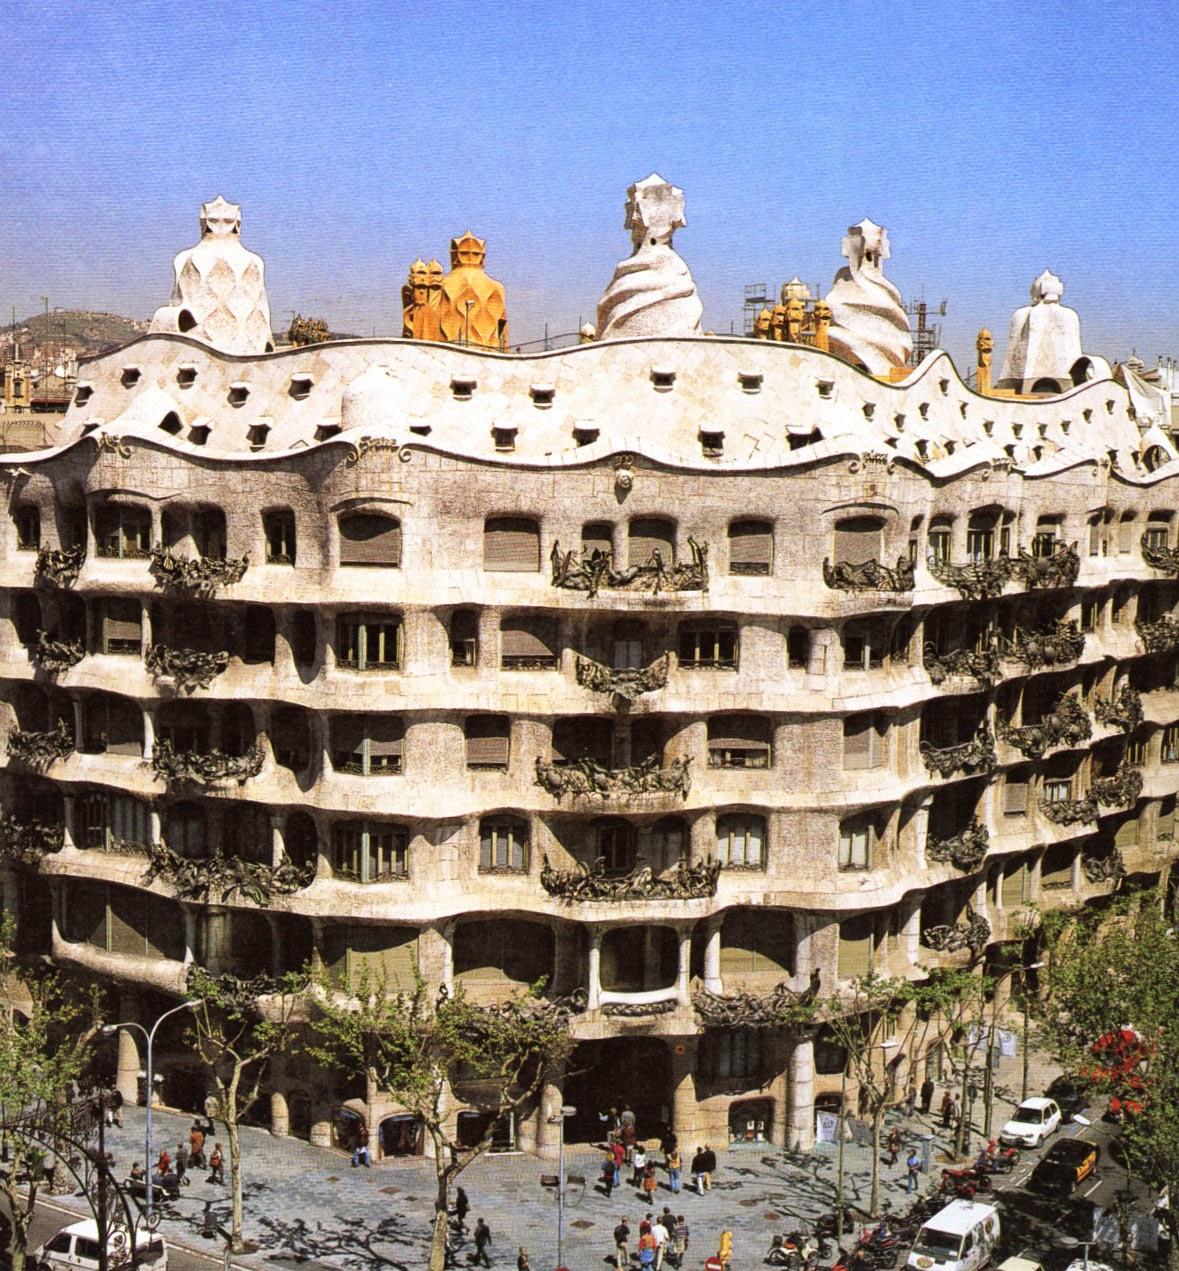 Revista digital apuntes de arquitectura antoni gaud m s - Escuela de arquitectura de barcelona ...